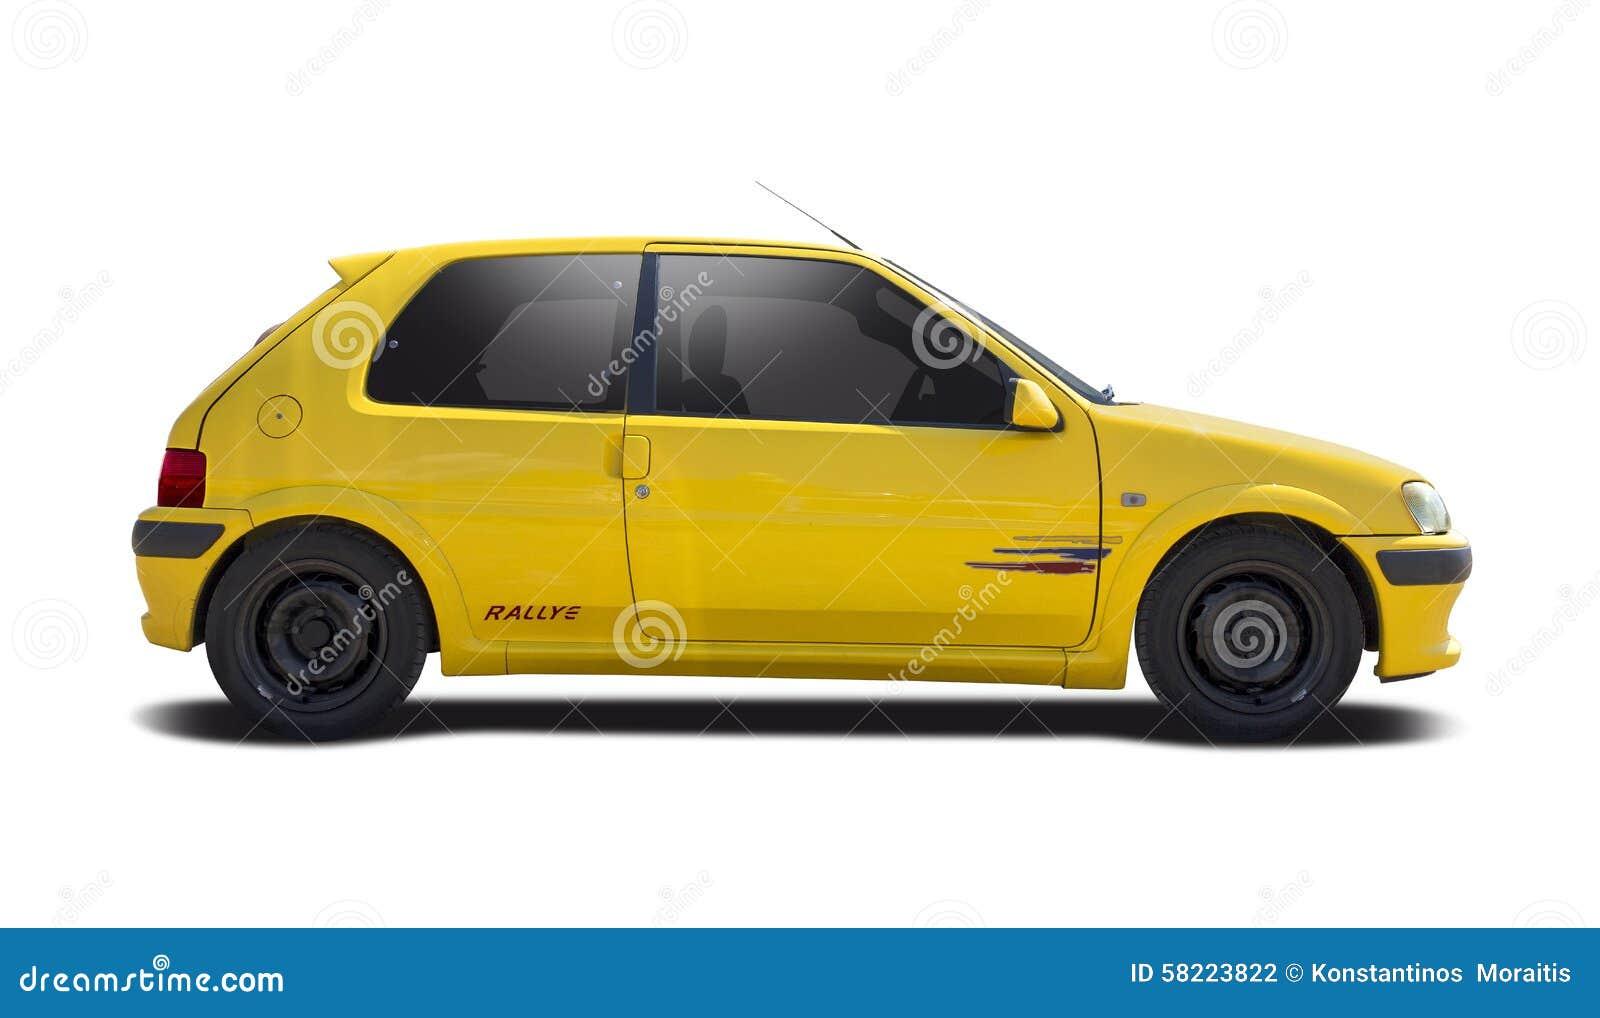 Peugeot 106 Rallye Editorial Photography Image Of Rallye 58223822